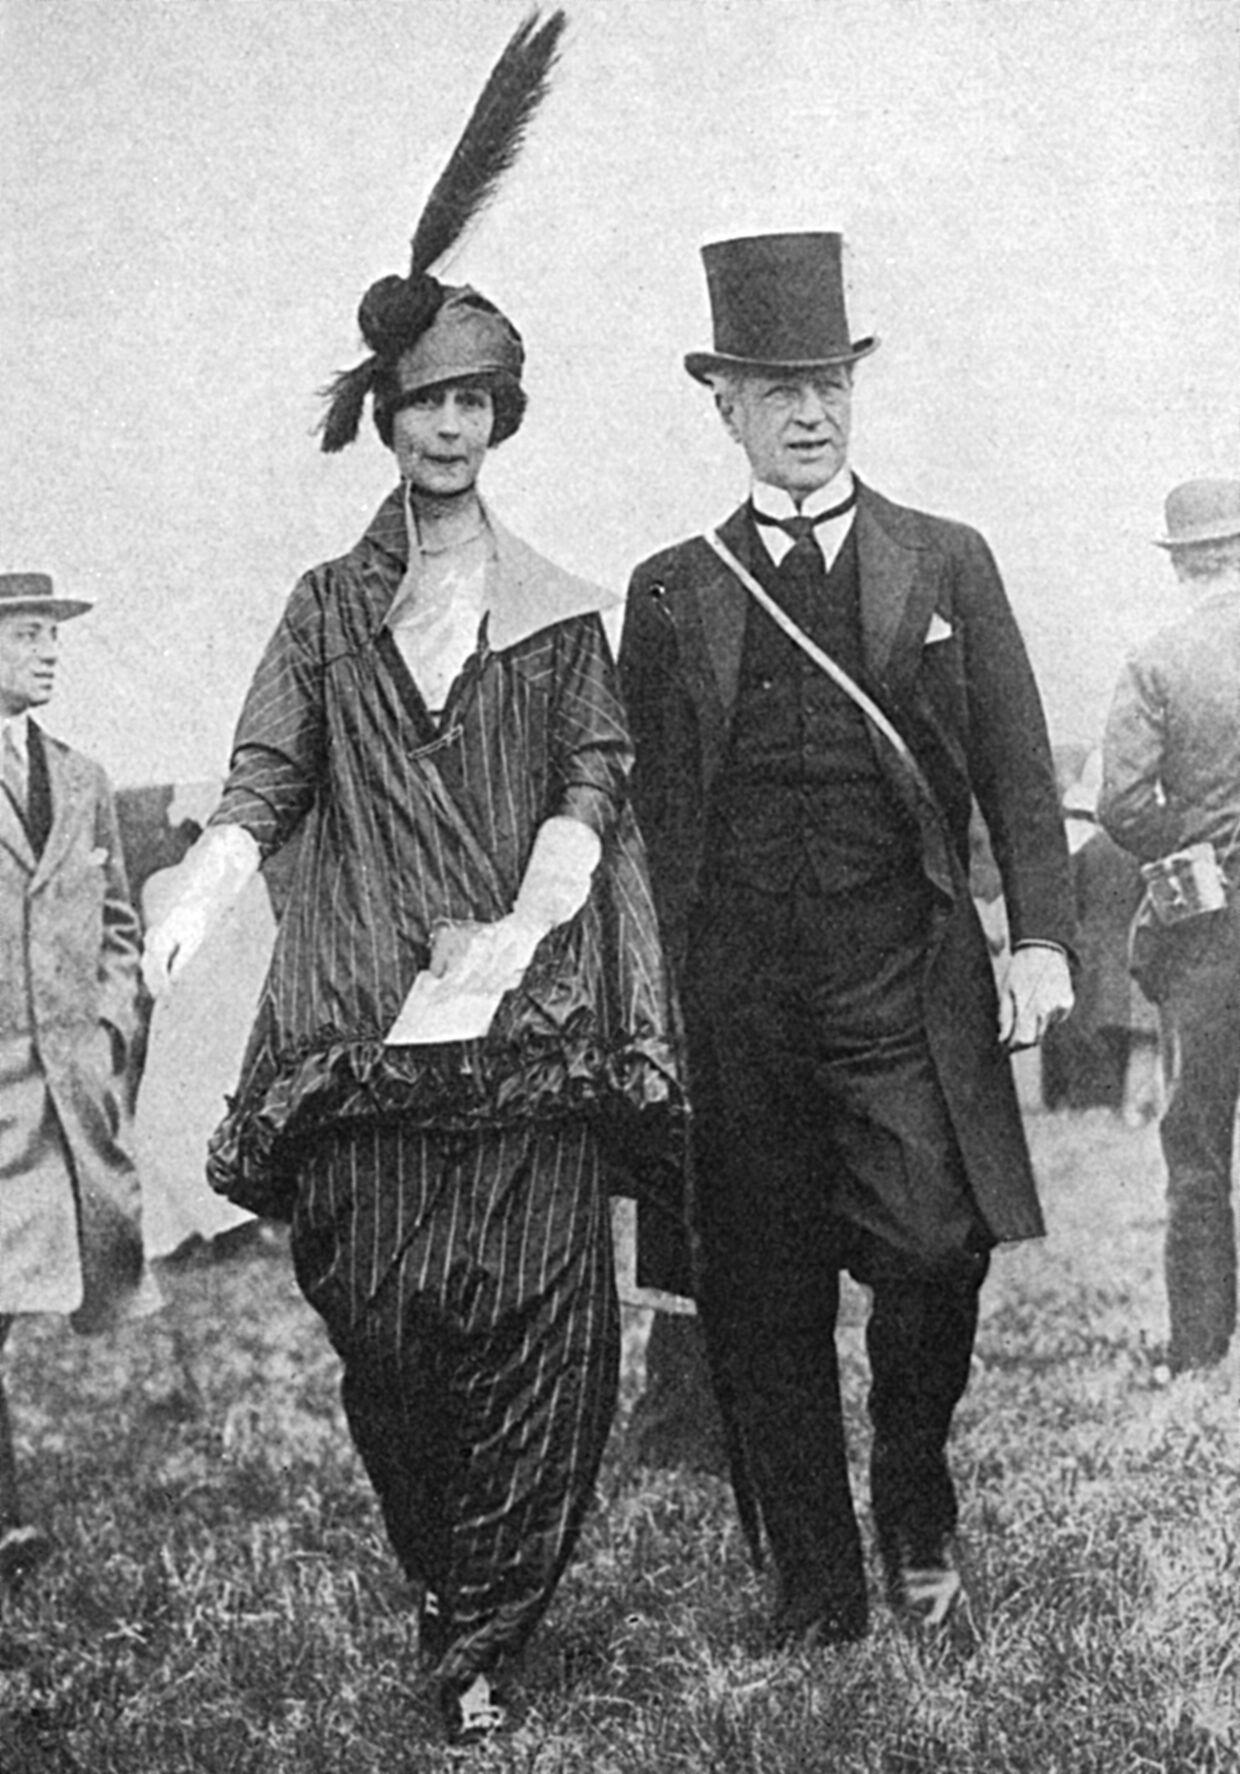 Consuelo Vanderbilt, der var barnebarn af Cornelius Vanderbilt og datter af William Kassam Vanderbilt, var en af de familiemedlemmer, der kom til tops i det sociale hirarki. Det skete, da hun giftede sig med den britiske hertug, Charles Spencer-Churchill.